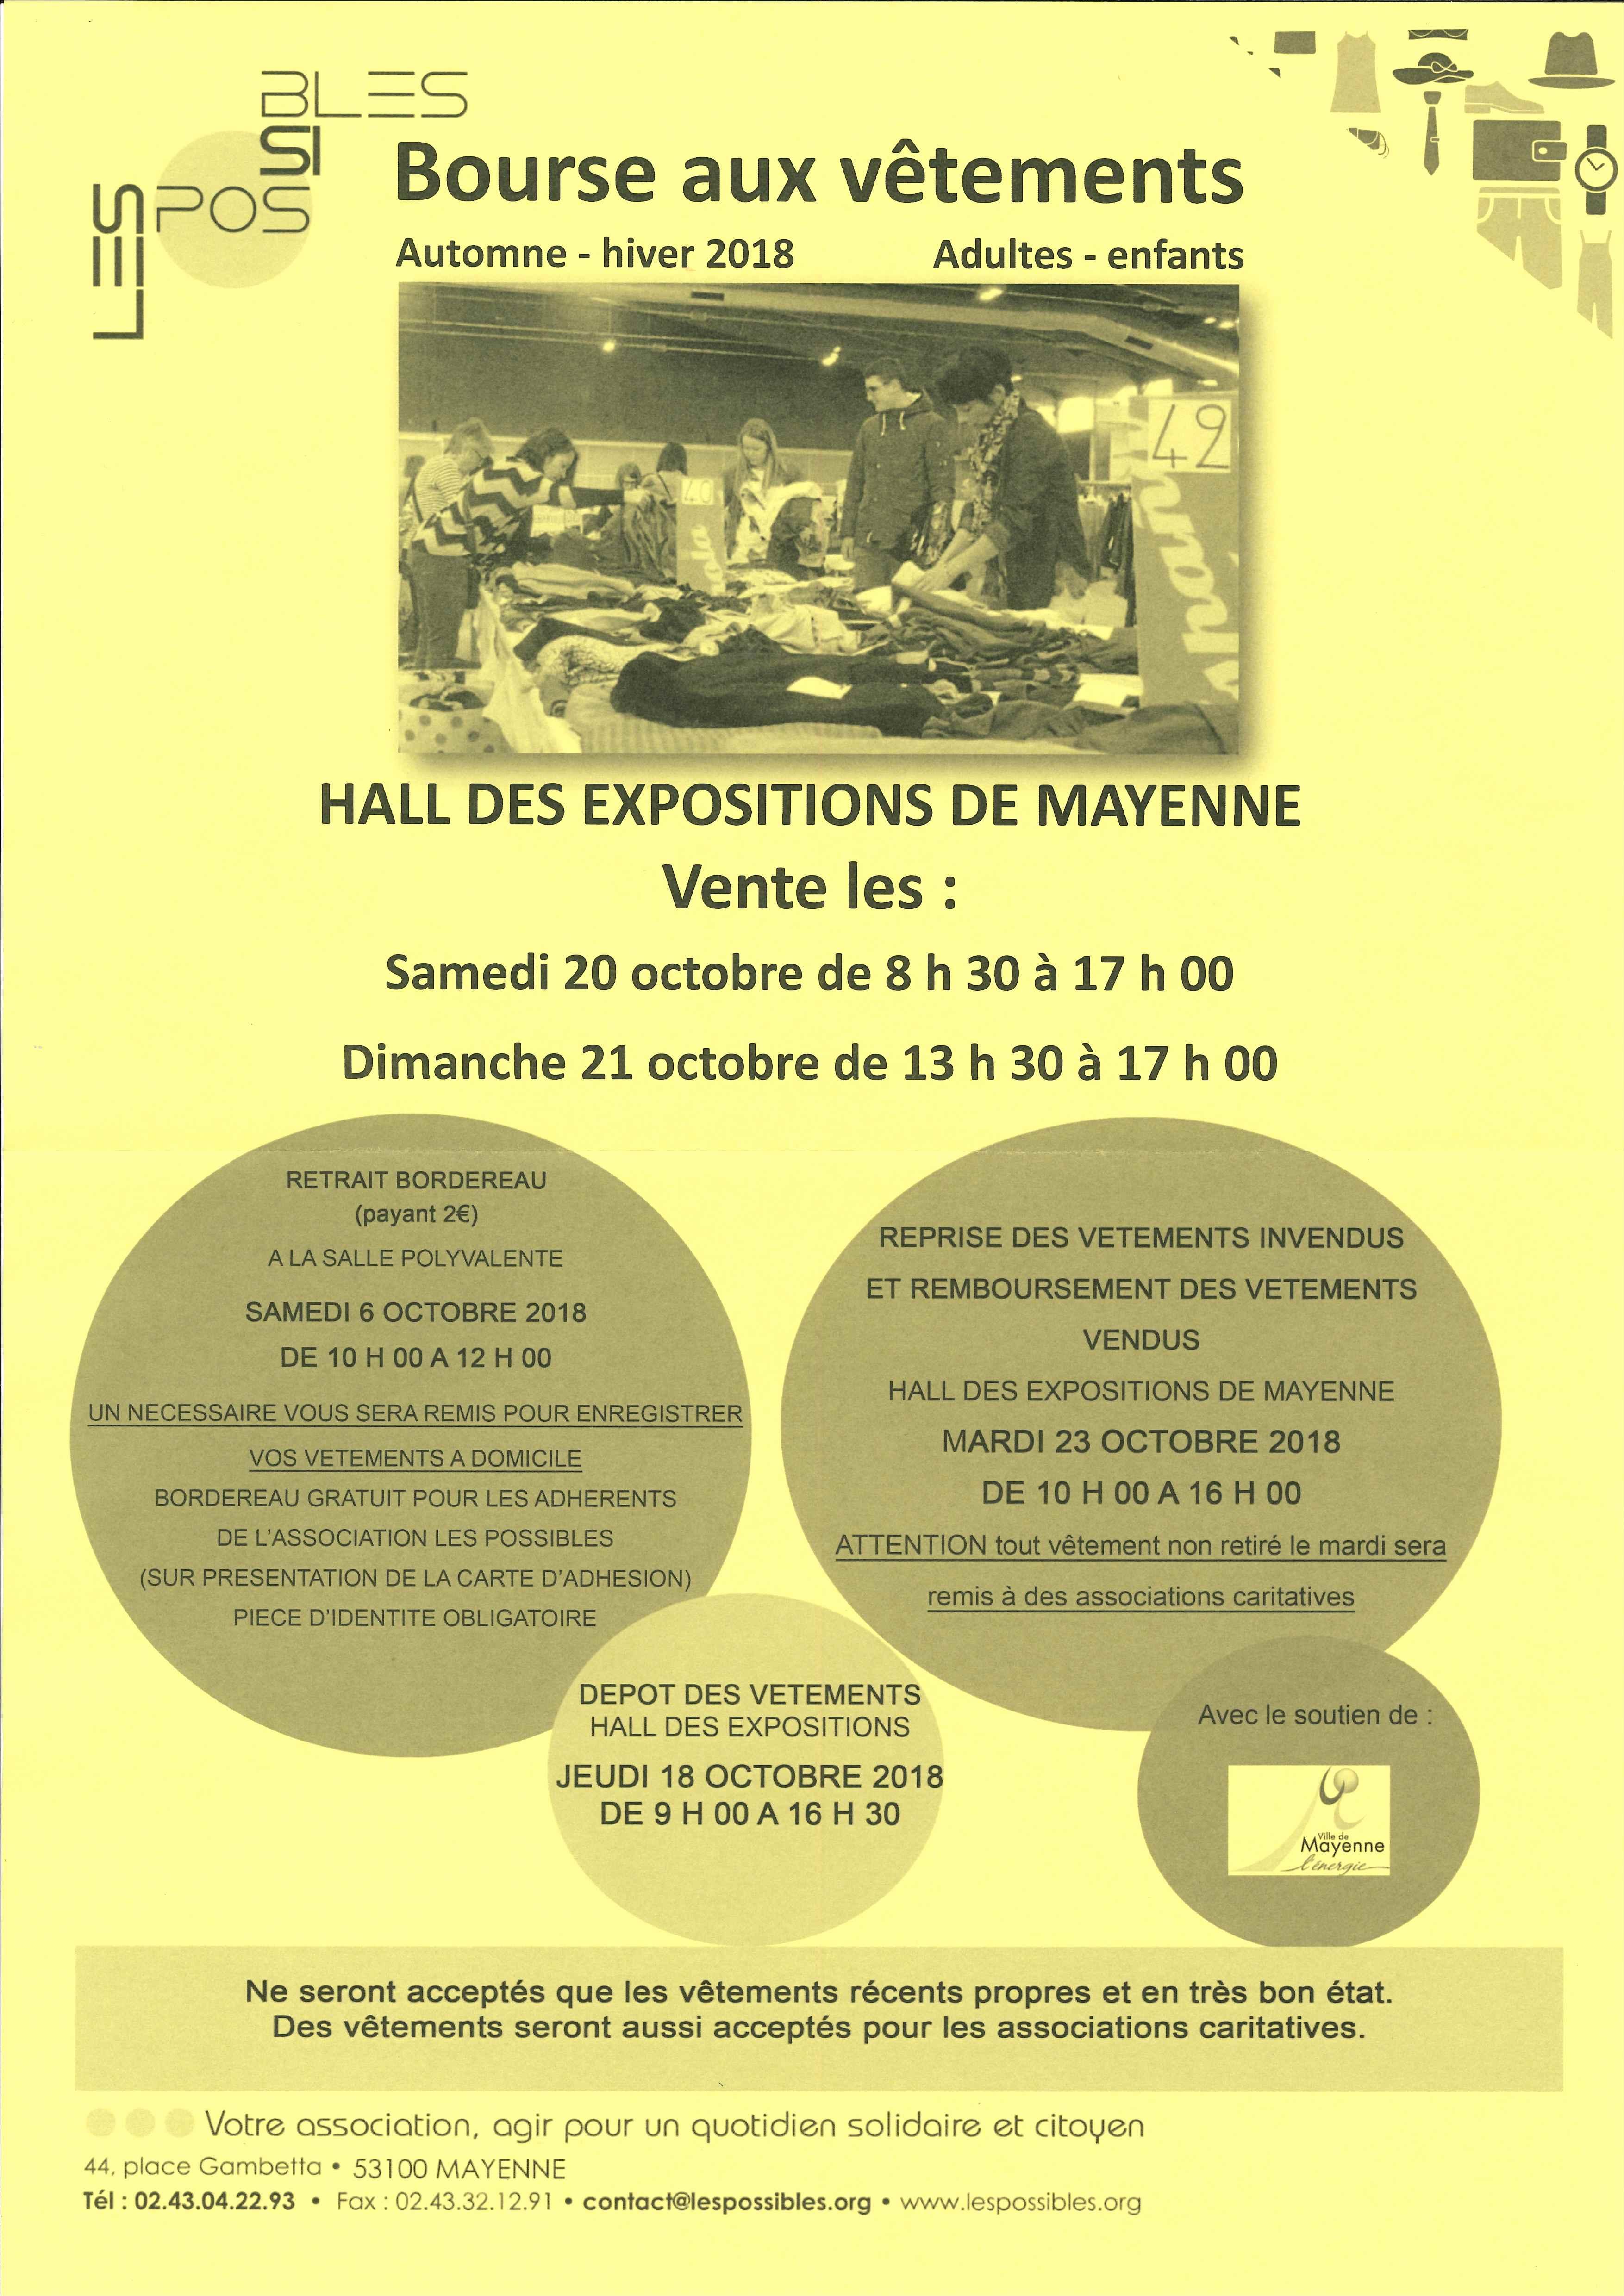 MAYENNE - Bourse aux vêtements @ Hall des expositions | Mayenne | Pays de la Loire | France